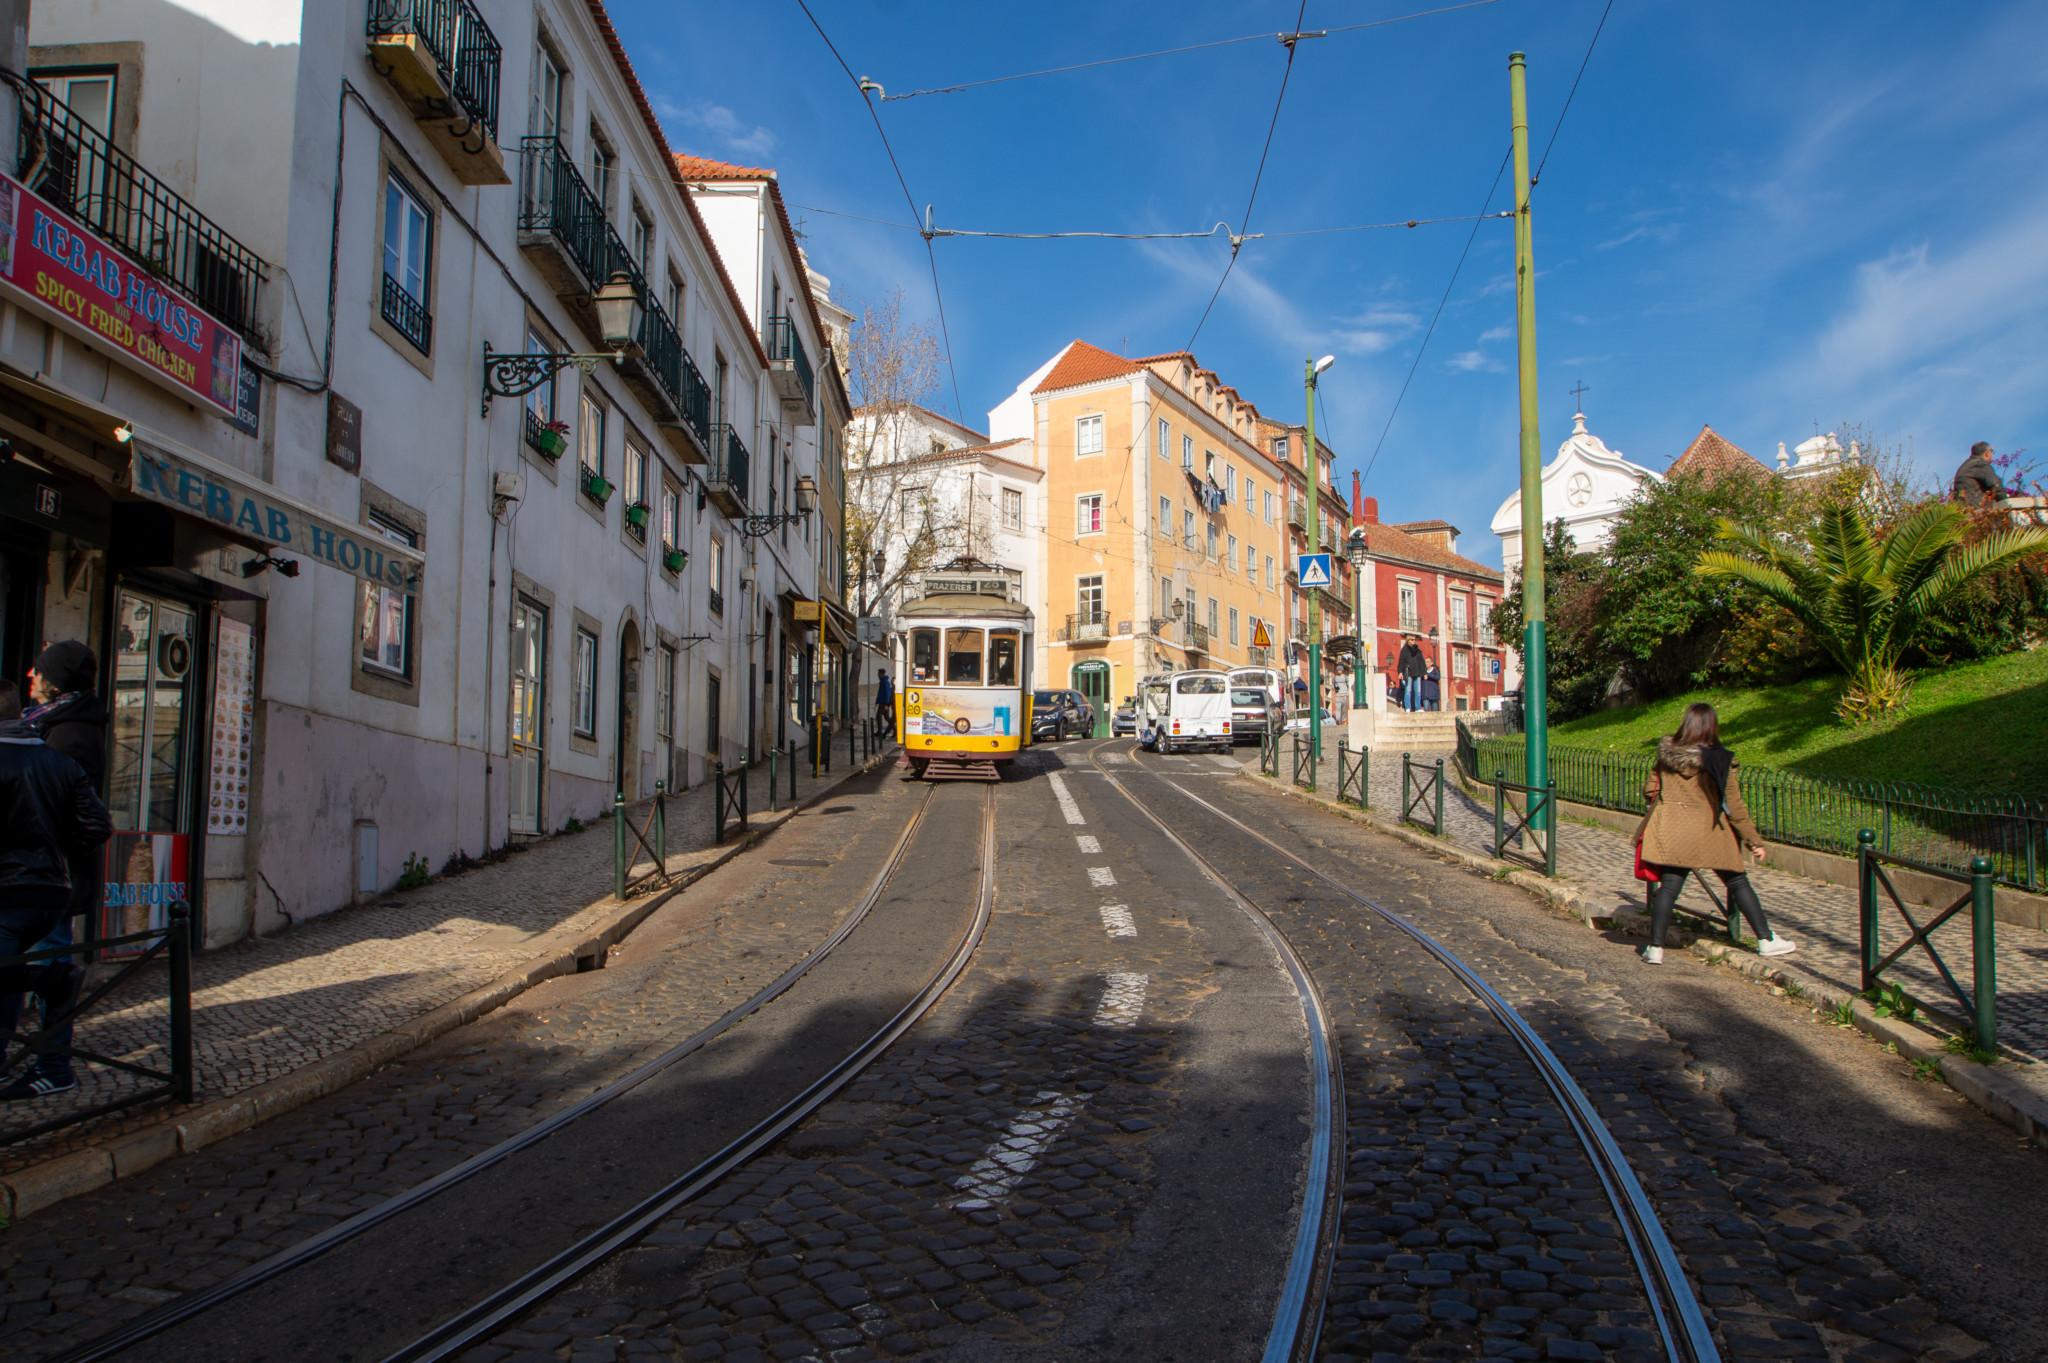 Unsere Reisetipps für Lissabon